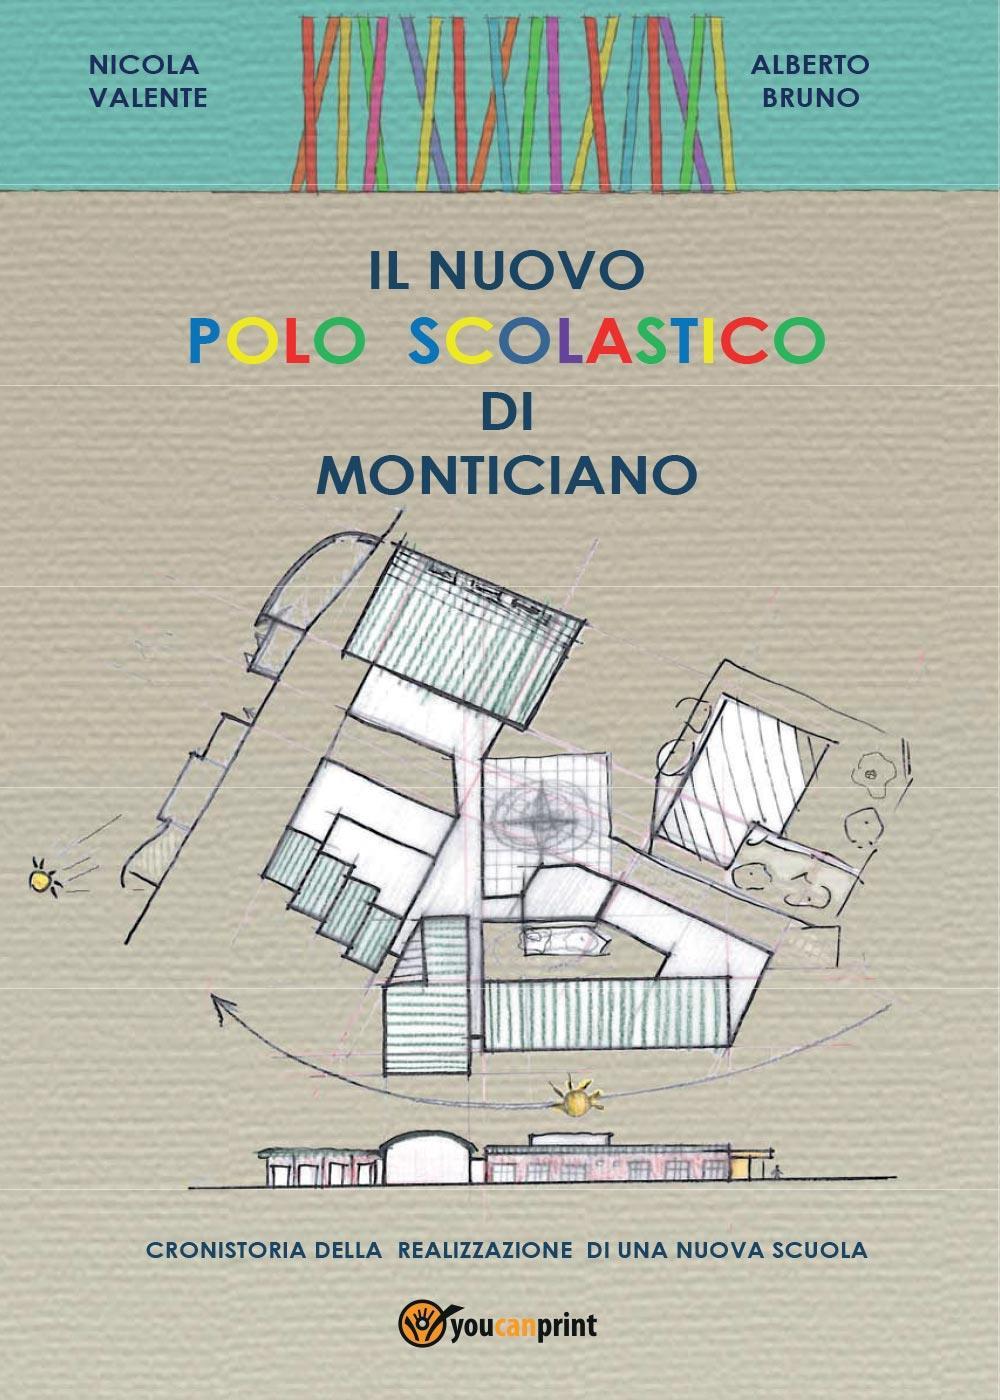 Il nuovo polo scolastico di Monticiano